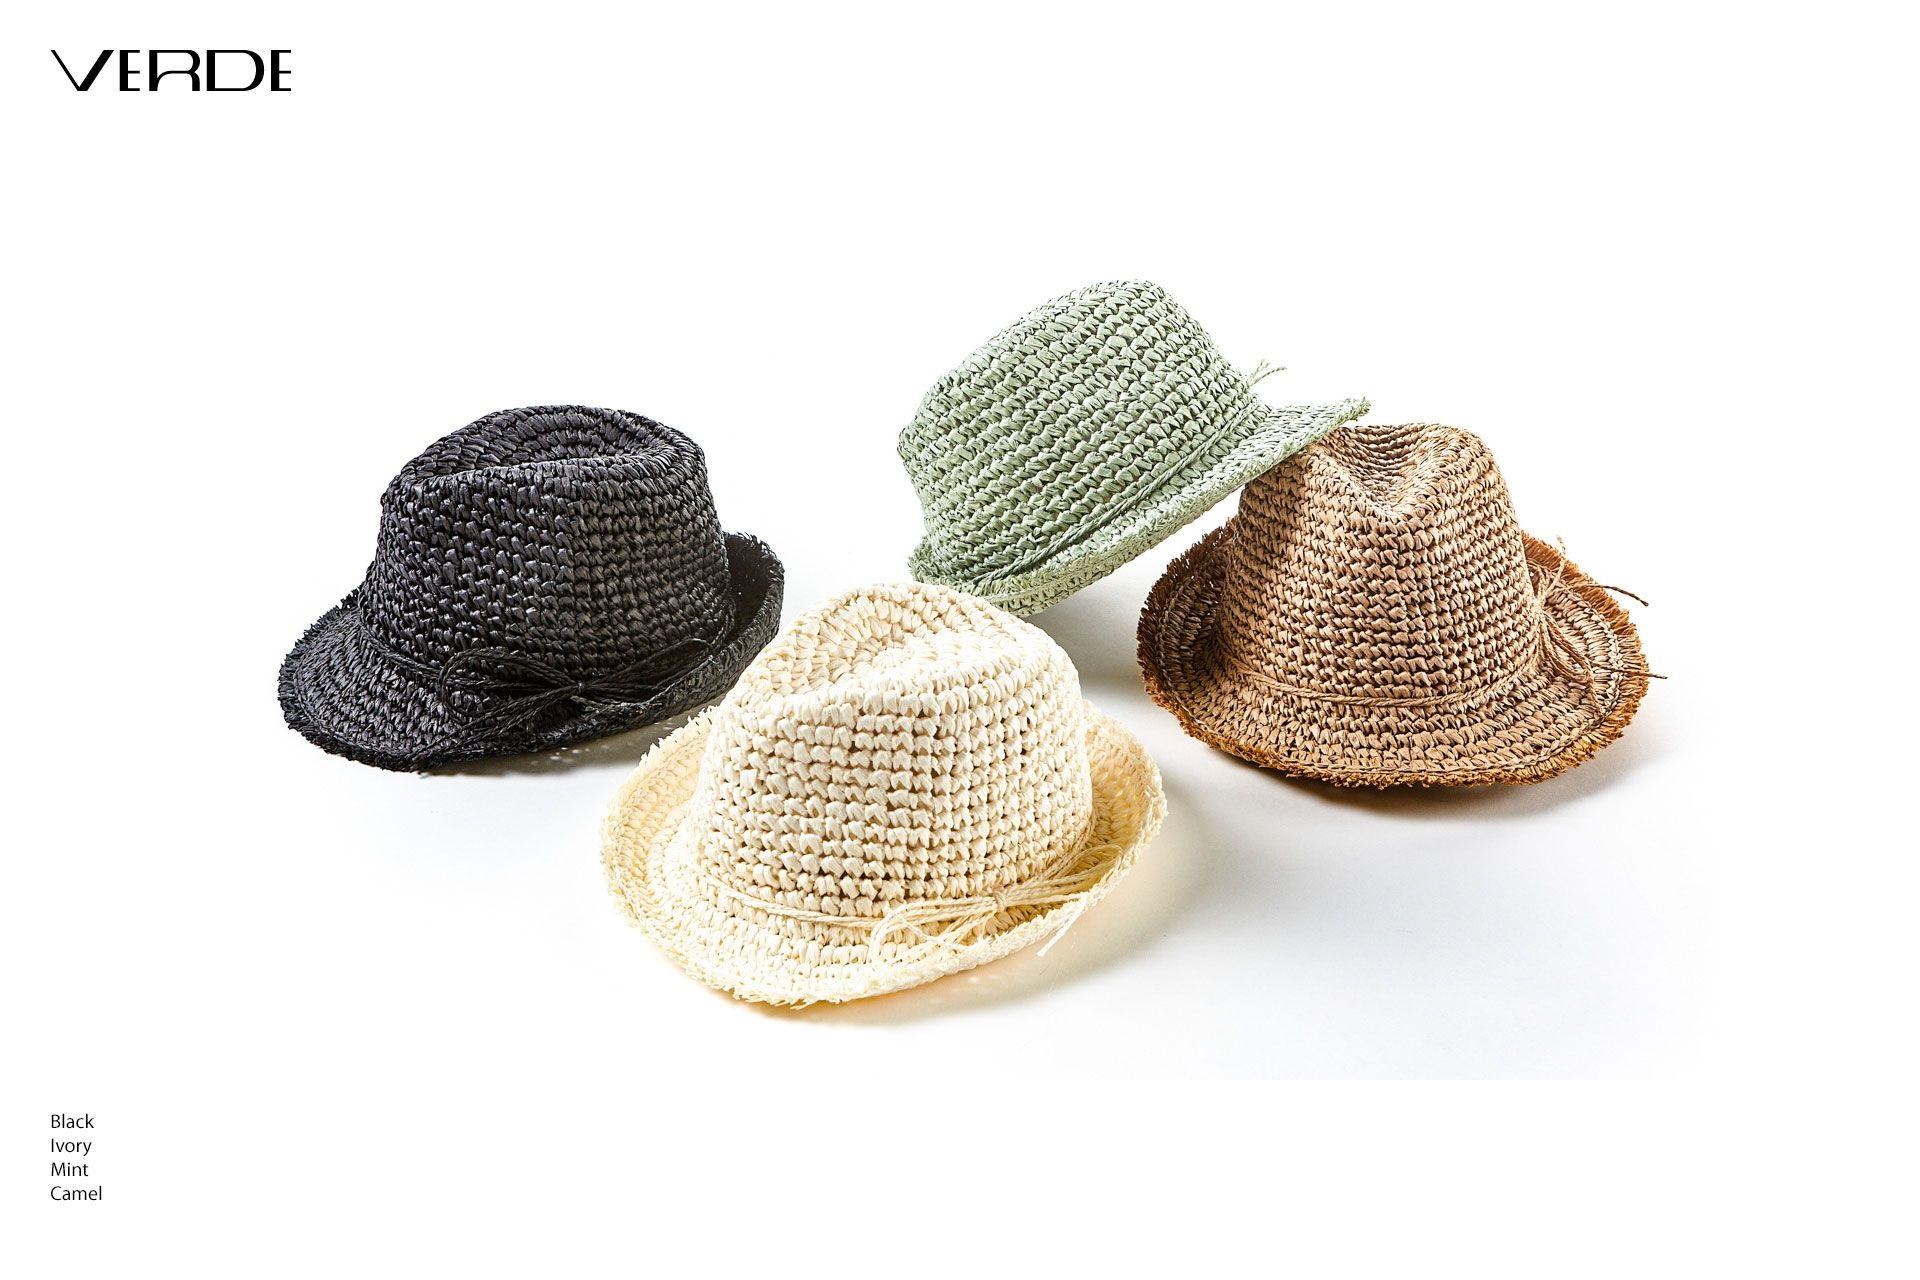 Cappello di paglia unisex. Cappelli estivi vendita online